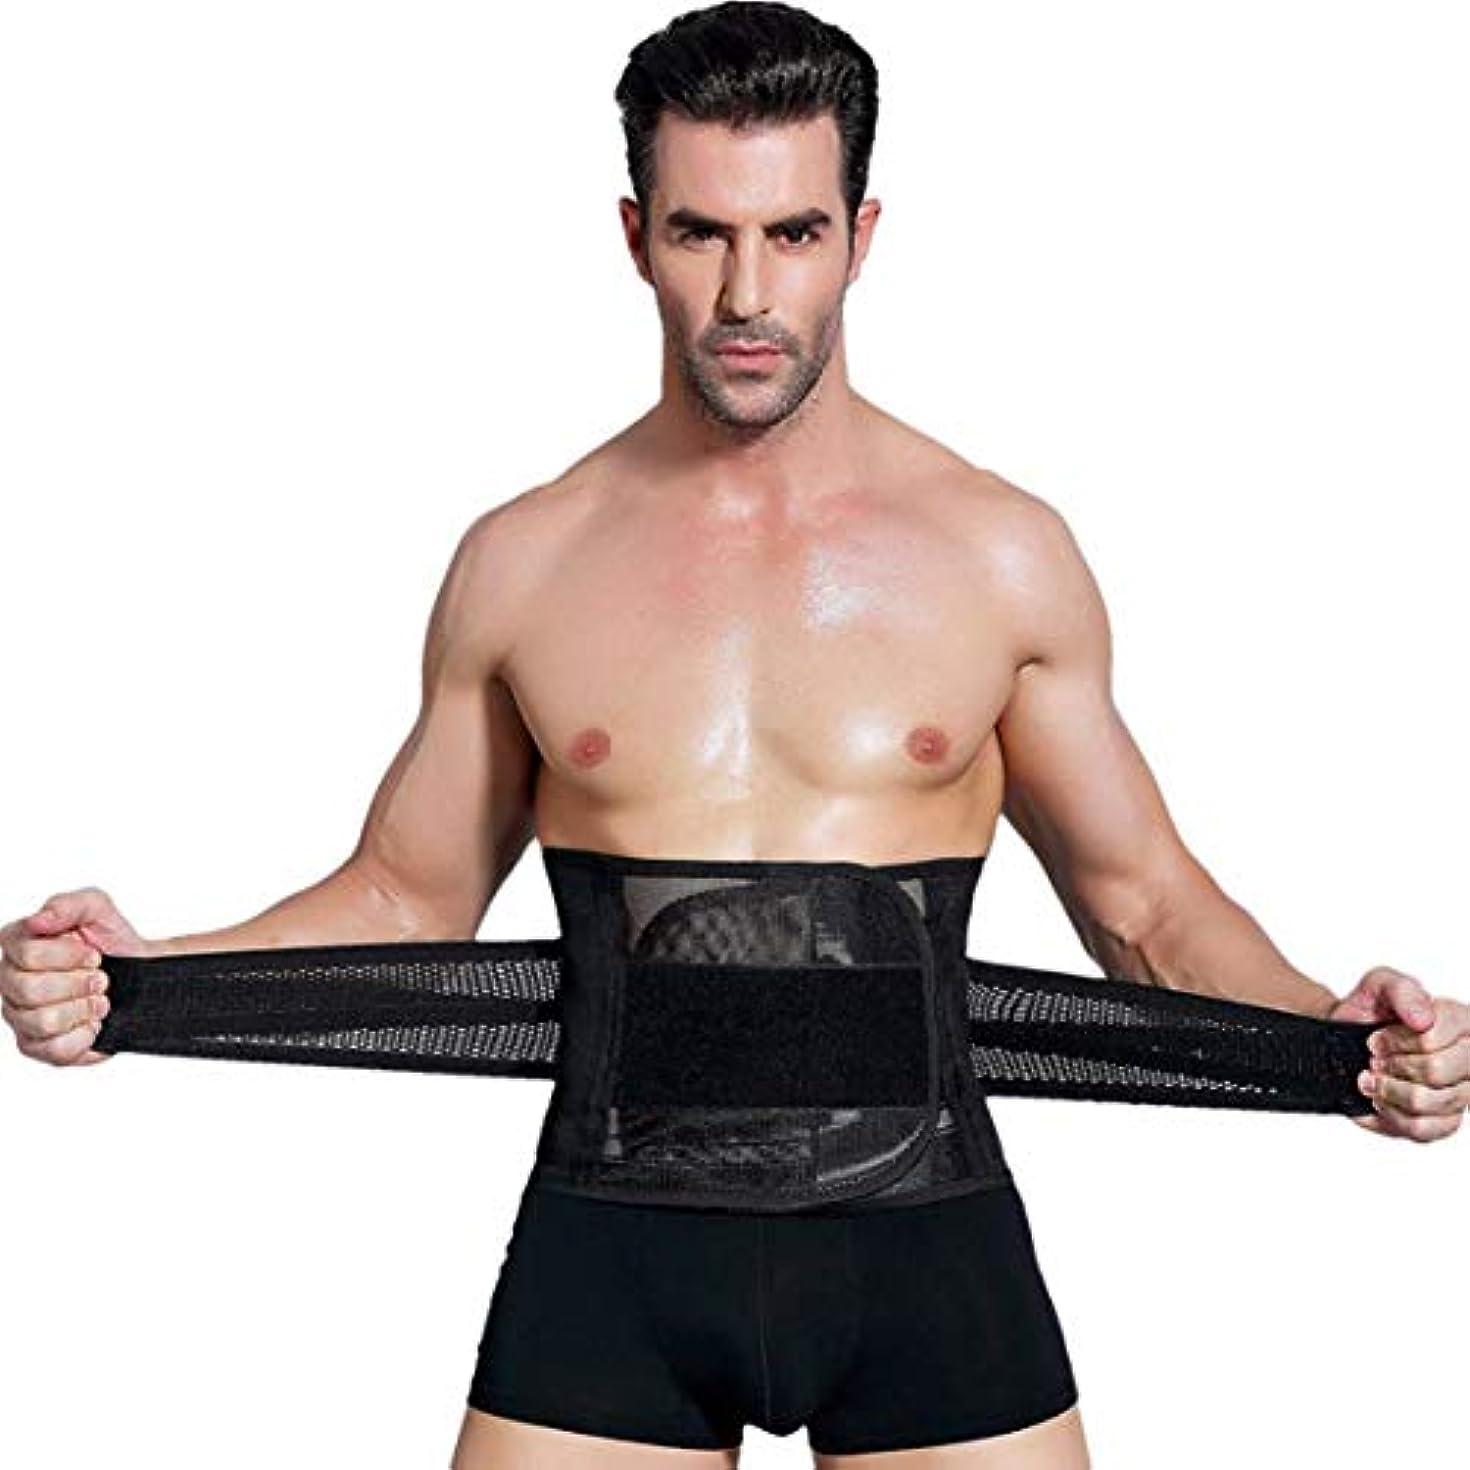 マトリックスアジア説明的男性ボディシェイパーコルセット腹部おなかコントロールウエストトレーナーニッパー脂肪燃焼ガードル痩身腹ベルト用男性 - ブラックXXL